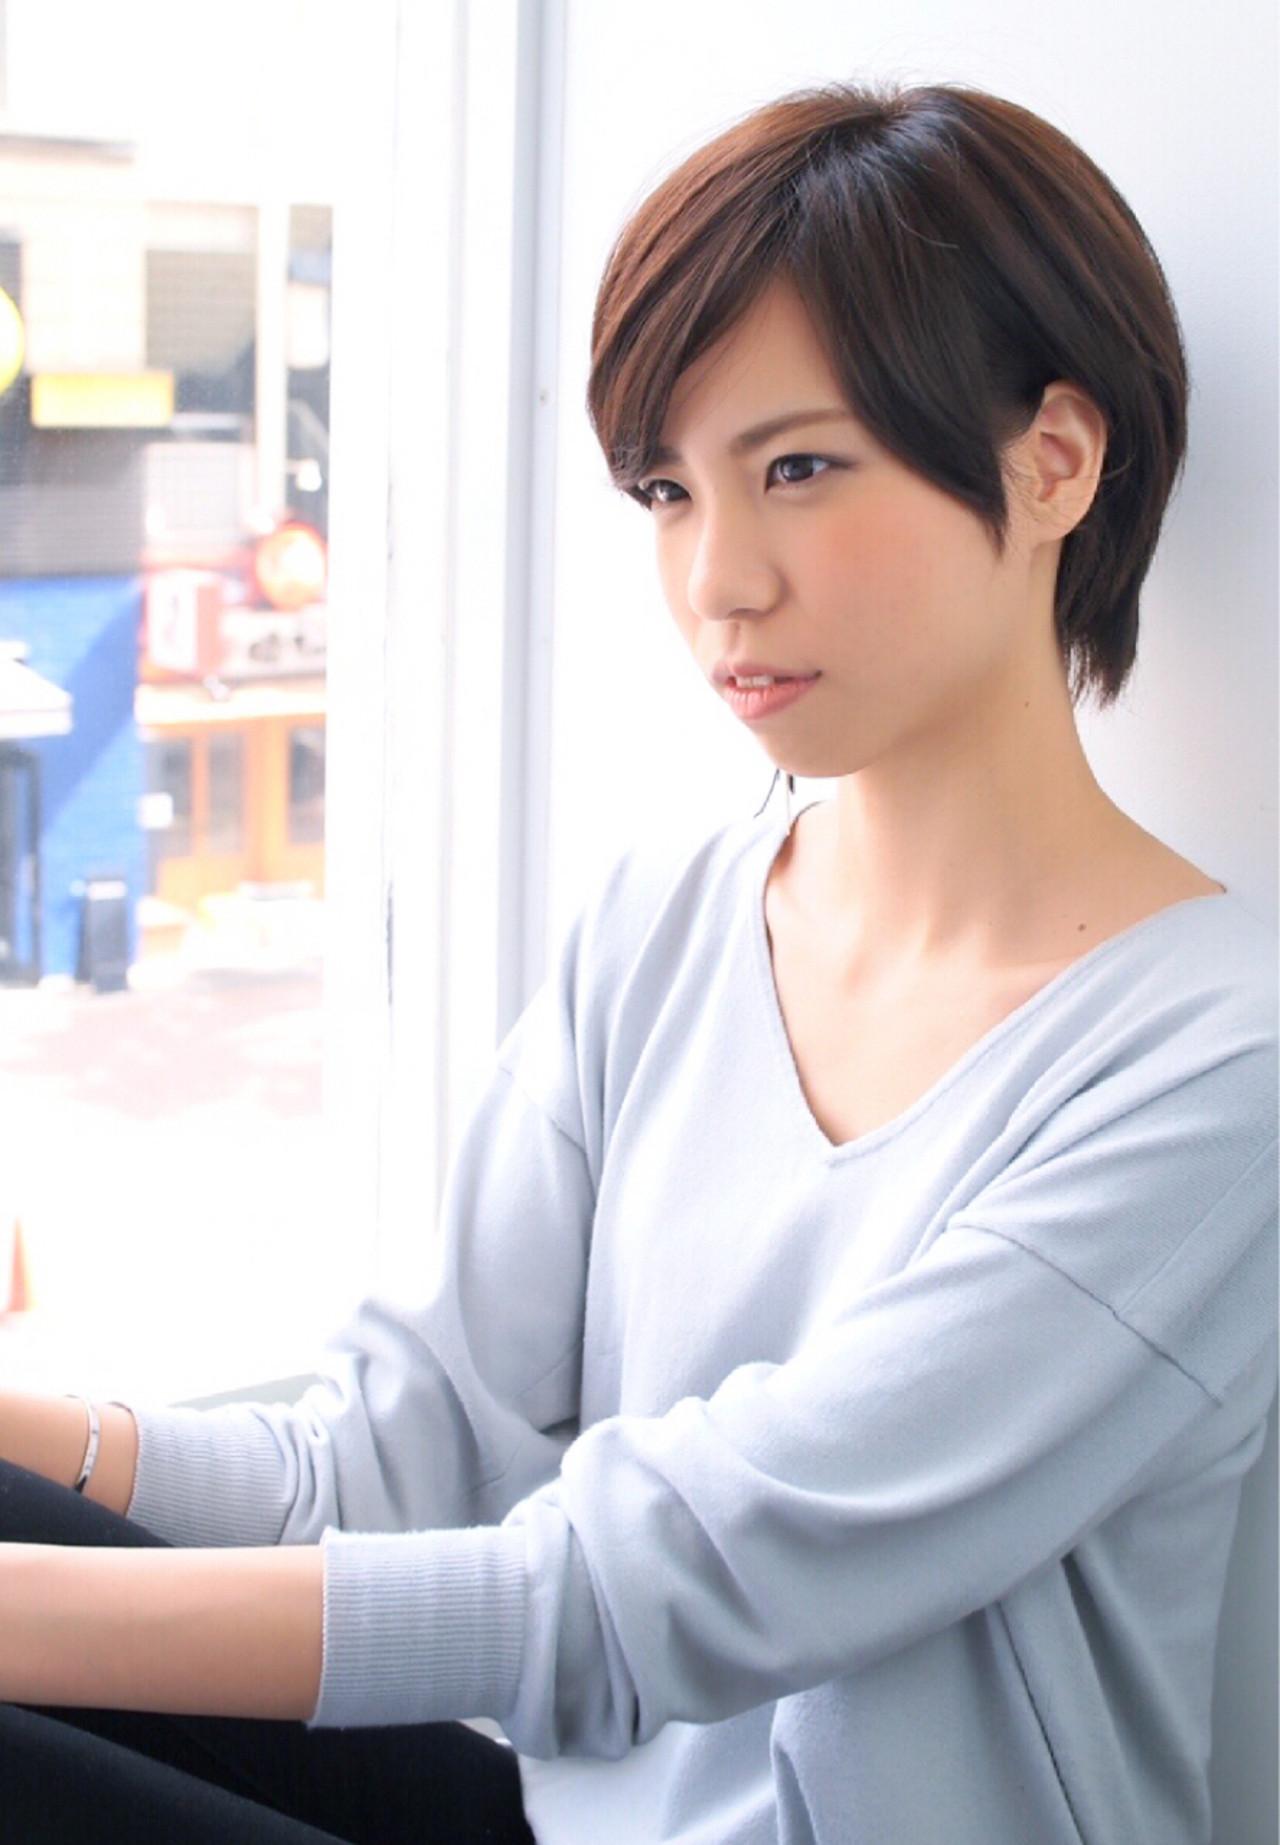 爽やか 小顔 コンサバ マニッシュ ヘアスタイルや髪型の写真・画像